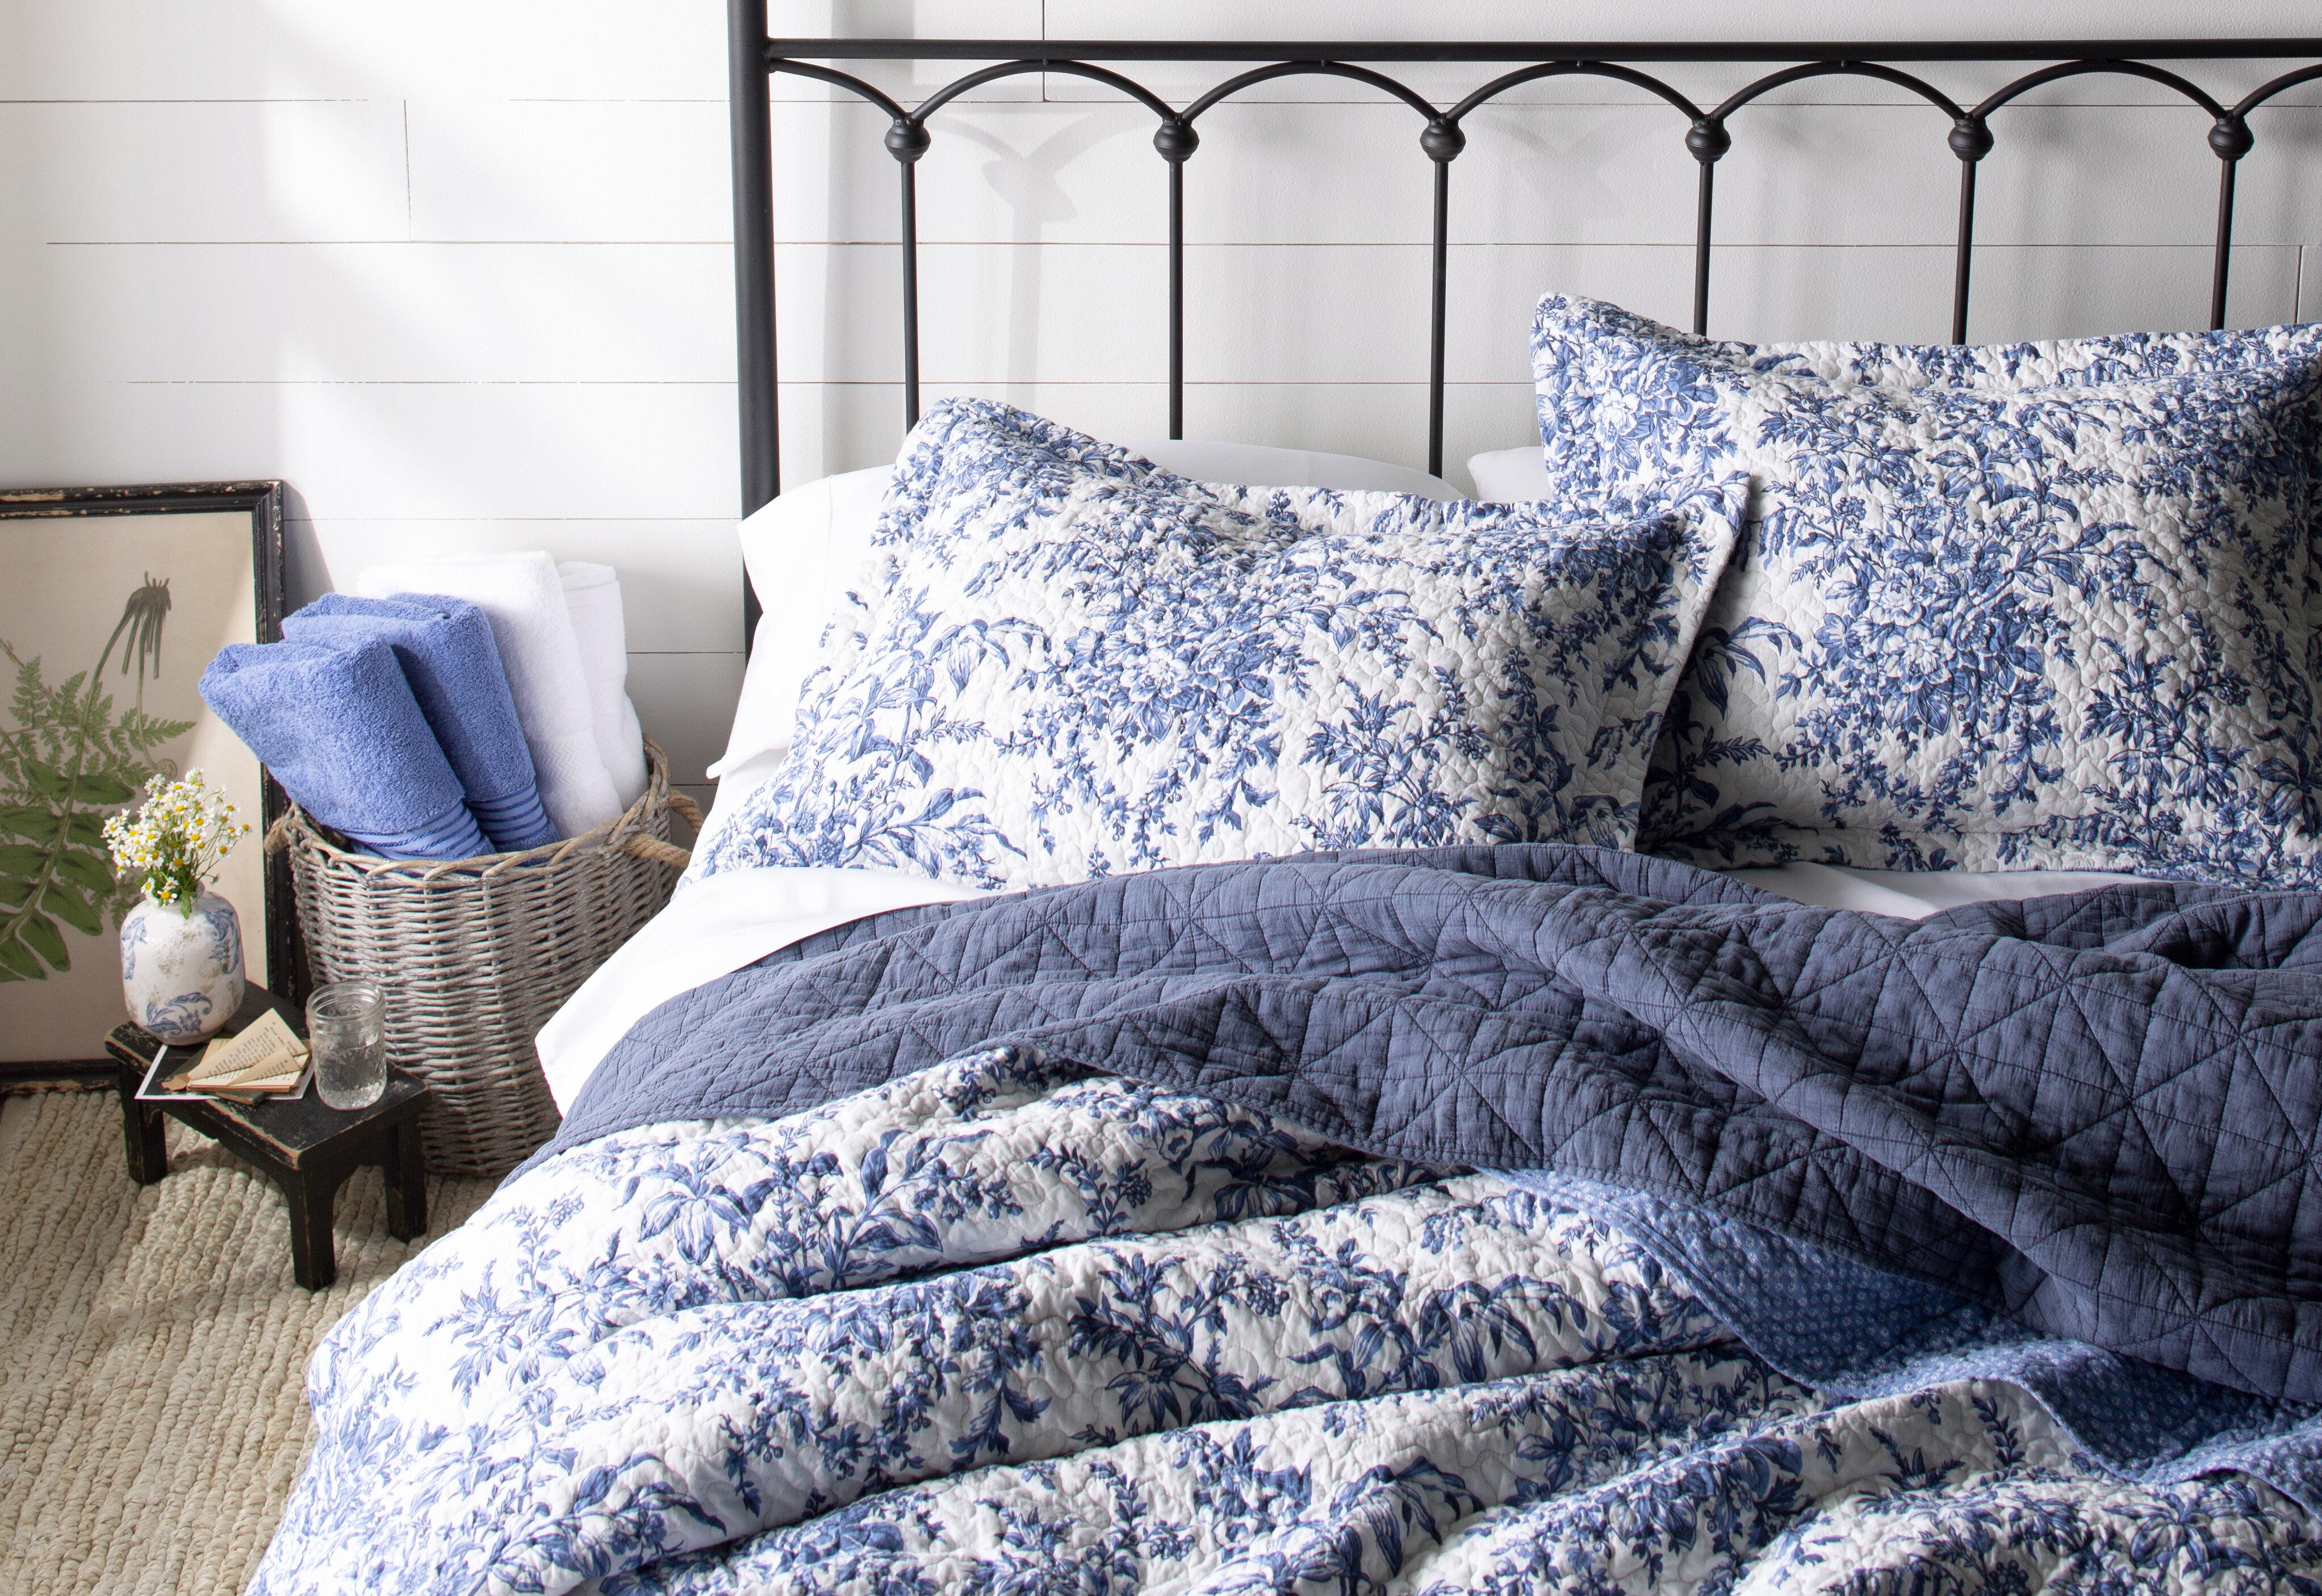 12 Incredibly Cozy Bedroom Ideas Birch Lane